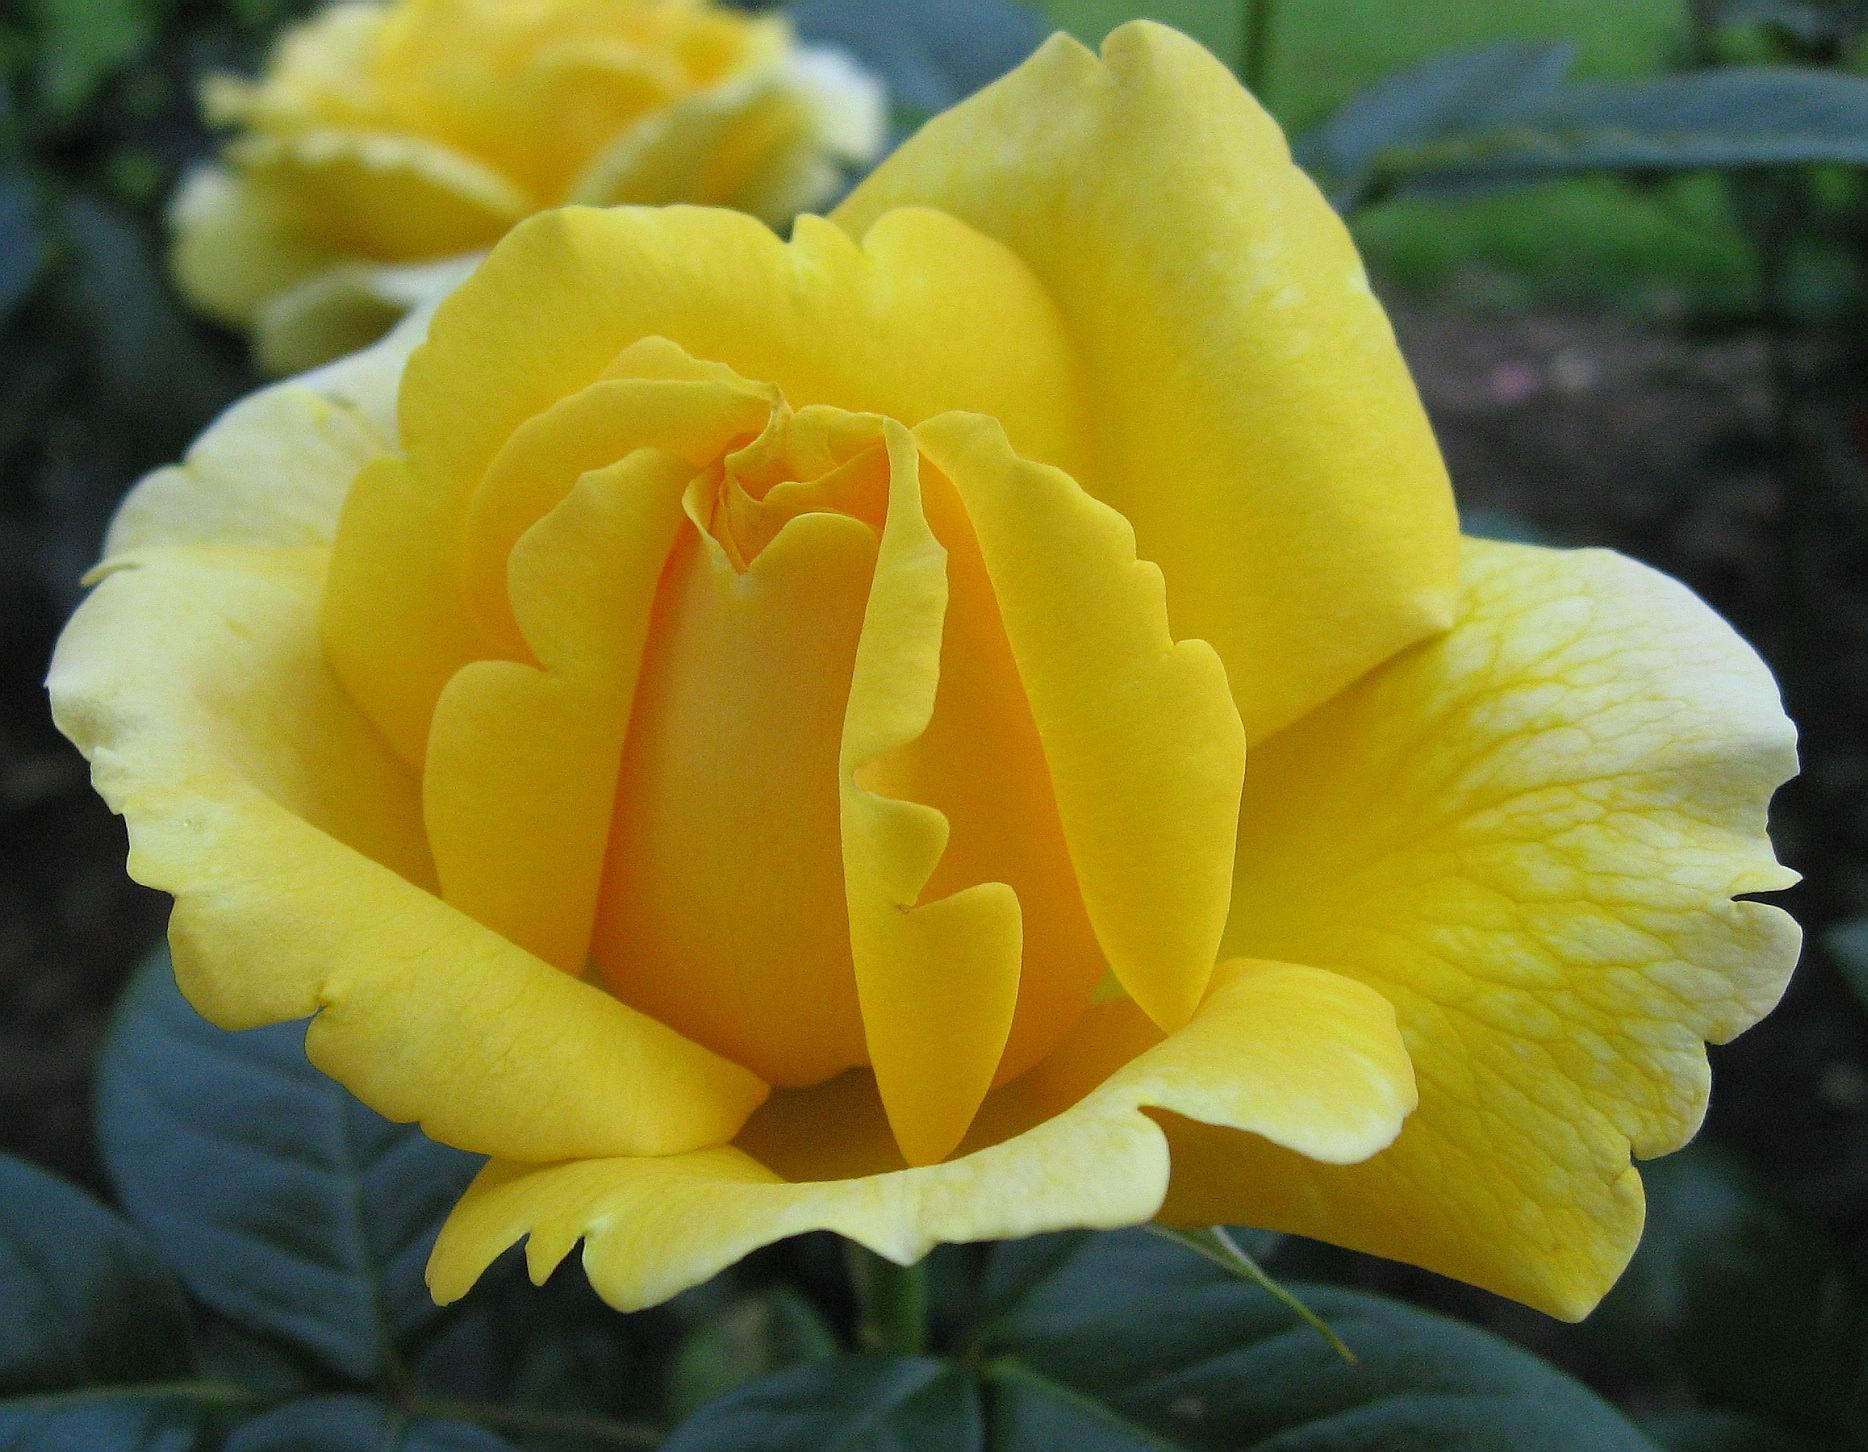 صورة اجمل وردة في العالم , احلى الورود فى العالم 4756 3